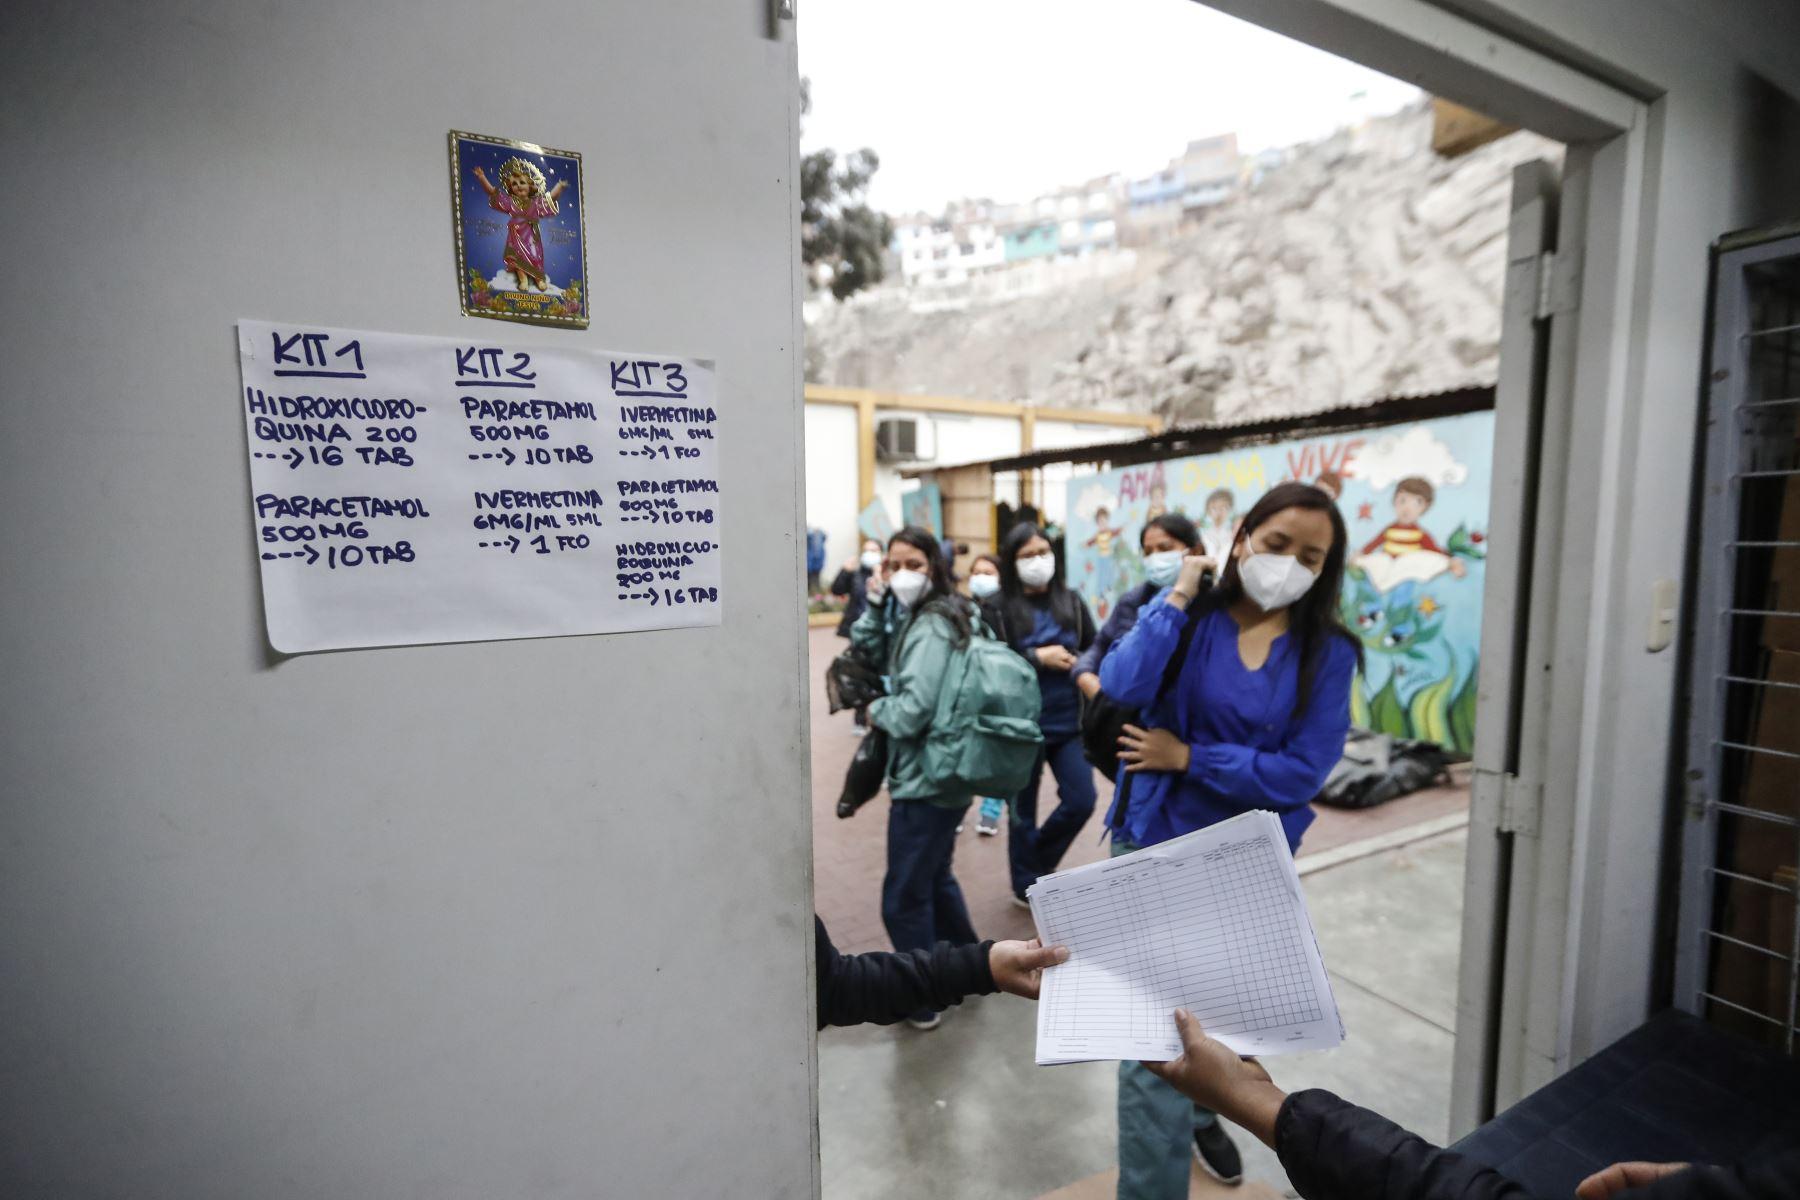 Las brigadas de salud llegan al promediar las 6:00 a.m. a la DIRIS Lima Este para recoger sus implementos de trabajo. Foto: ANDINA/Renato Pajuelo